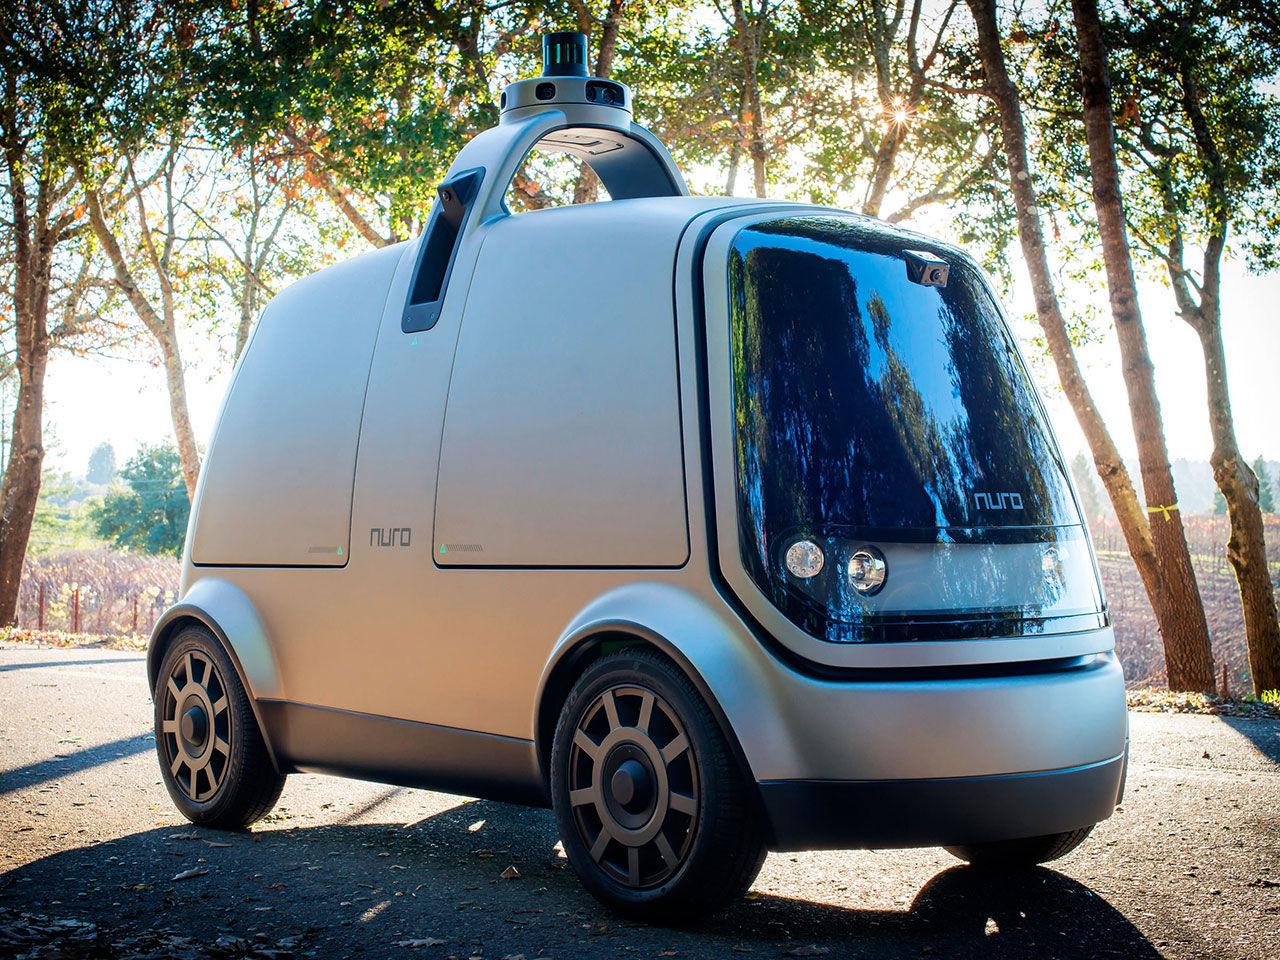 Före detta Google-ingenjörer visar självkörande budbil